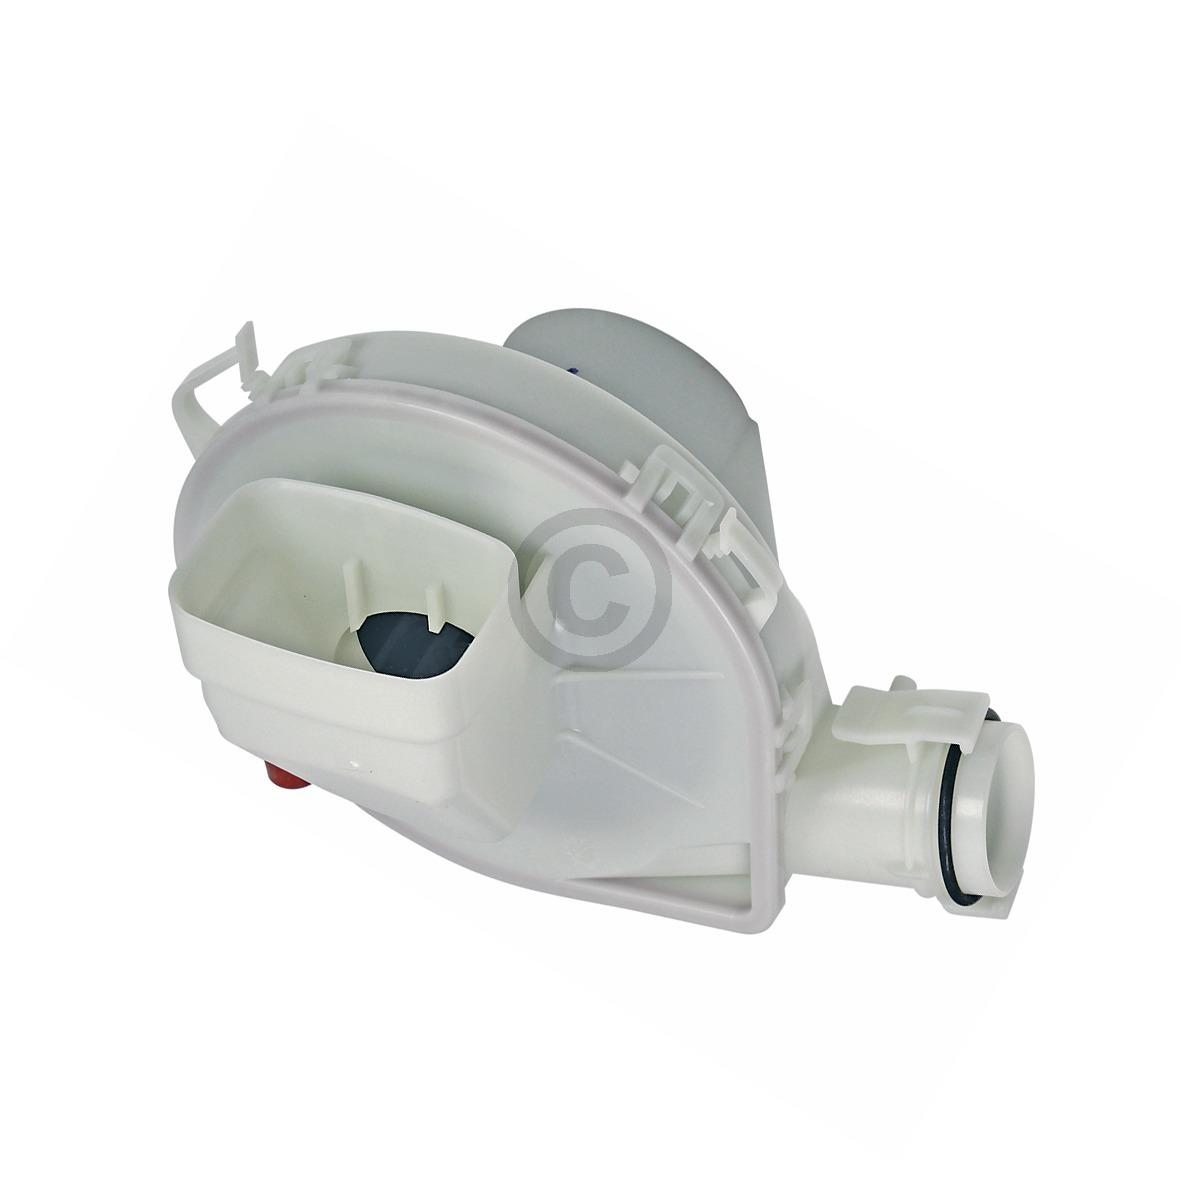 Gebläse/Lüfter 14W 280-340V 00652135 652135 Bosch, Siemens, Neff